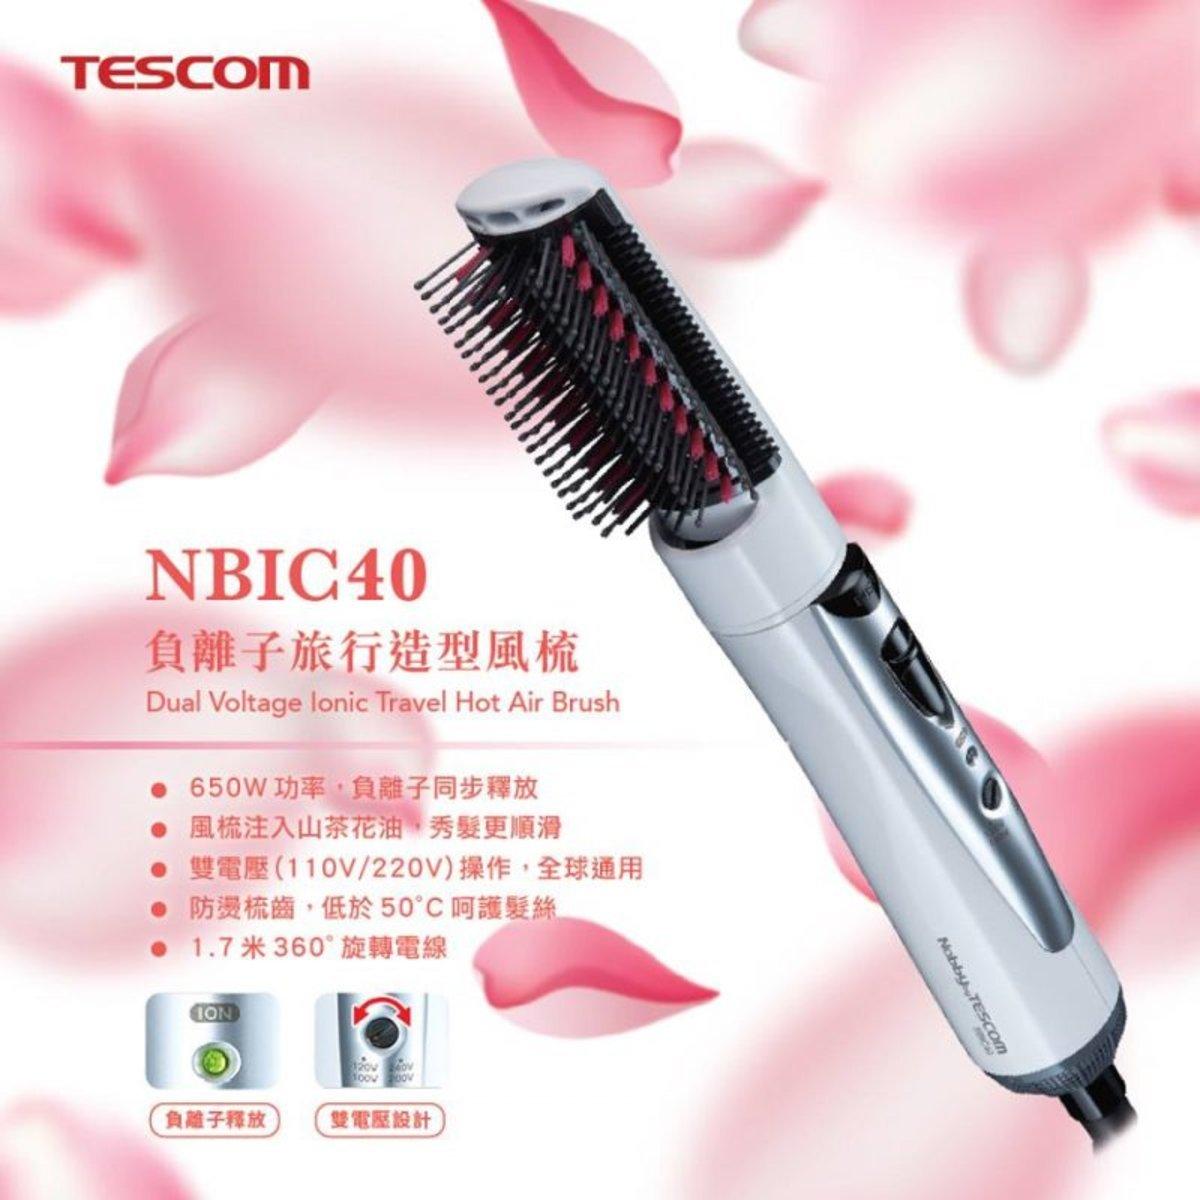 [日本NO.1] 負離子山茶花油造型美髮梳 NBIC40